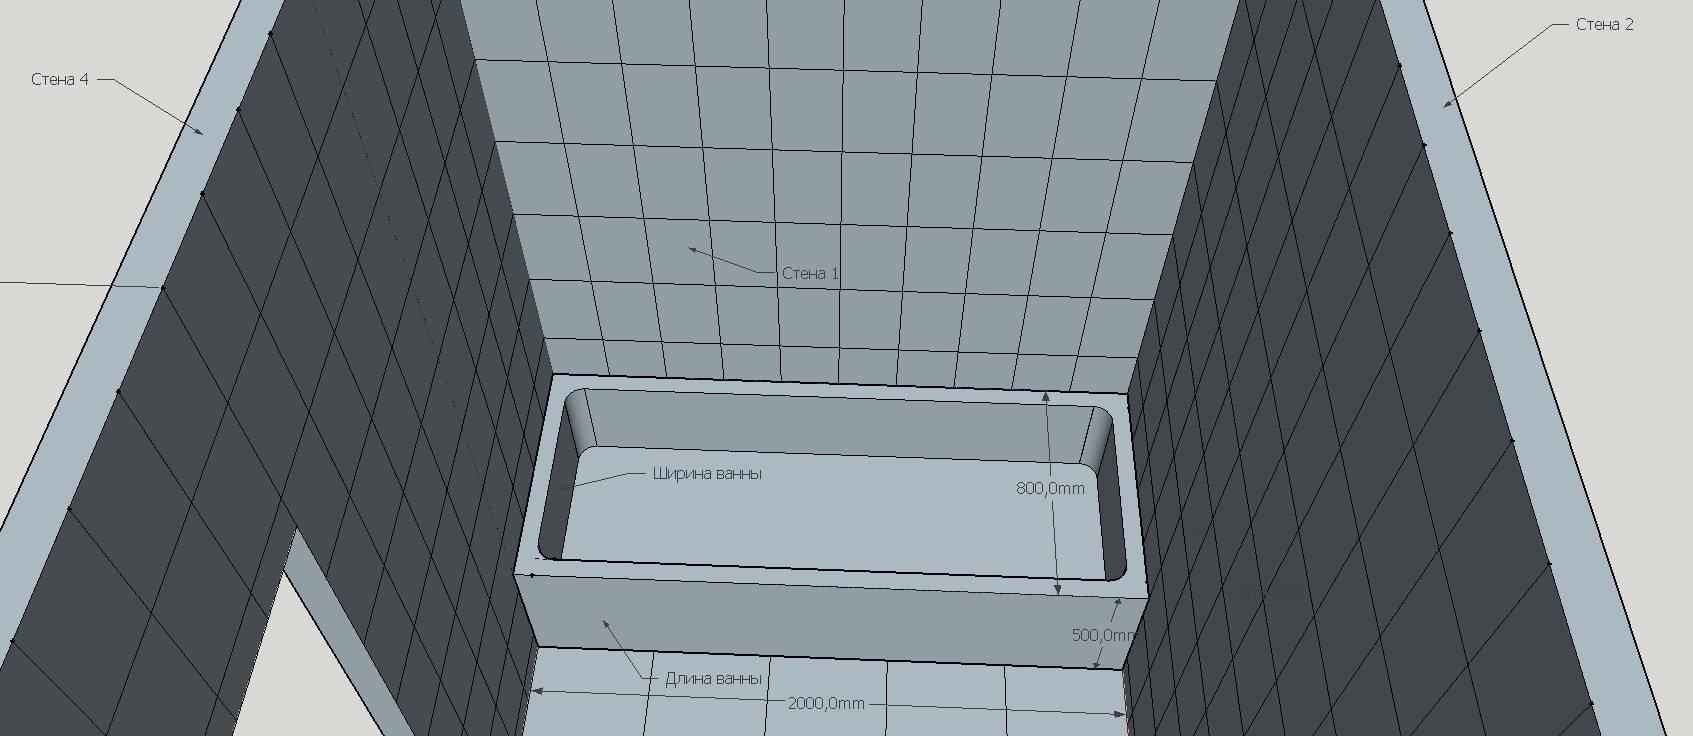 Расчёт плитки для ванной комнаты и других помещений с калькулятором количества плитки расчёт плитки для ванной комнаты и других помещений с калькулятором количества плитки